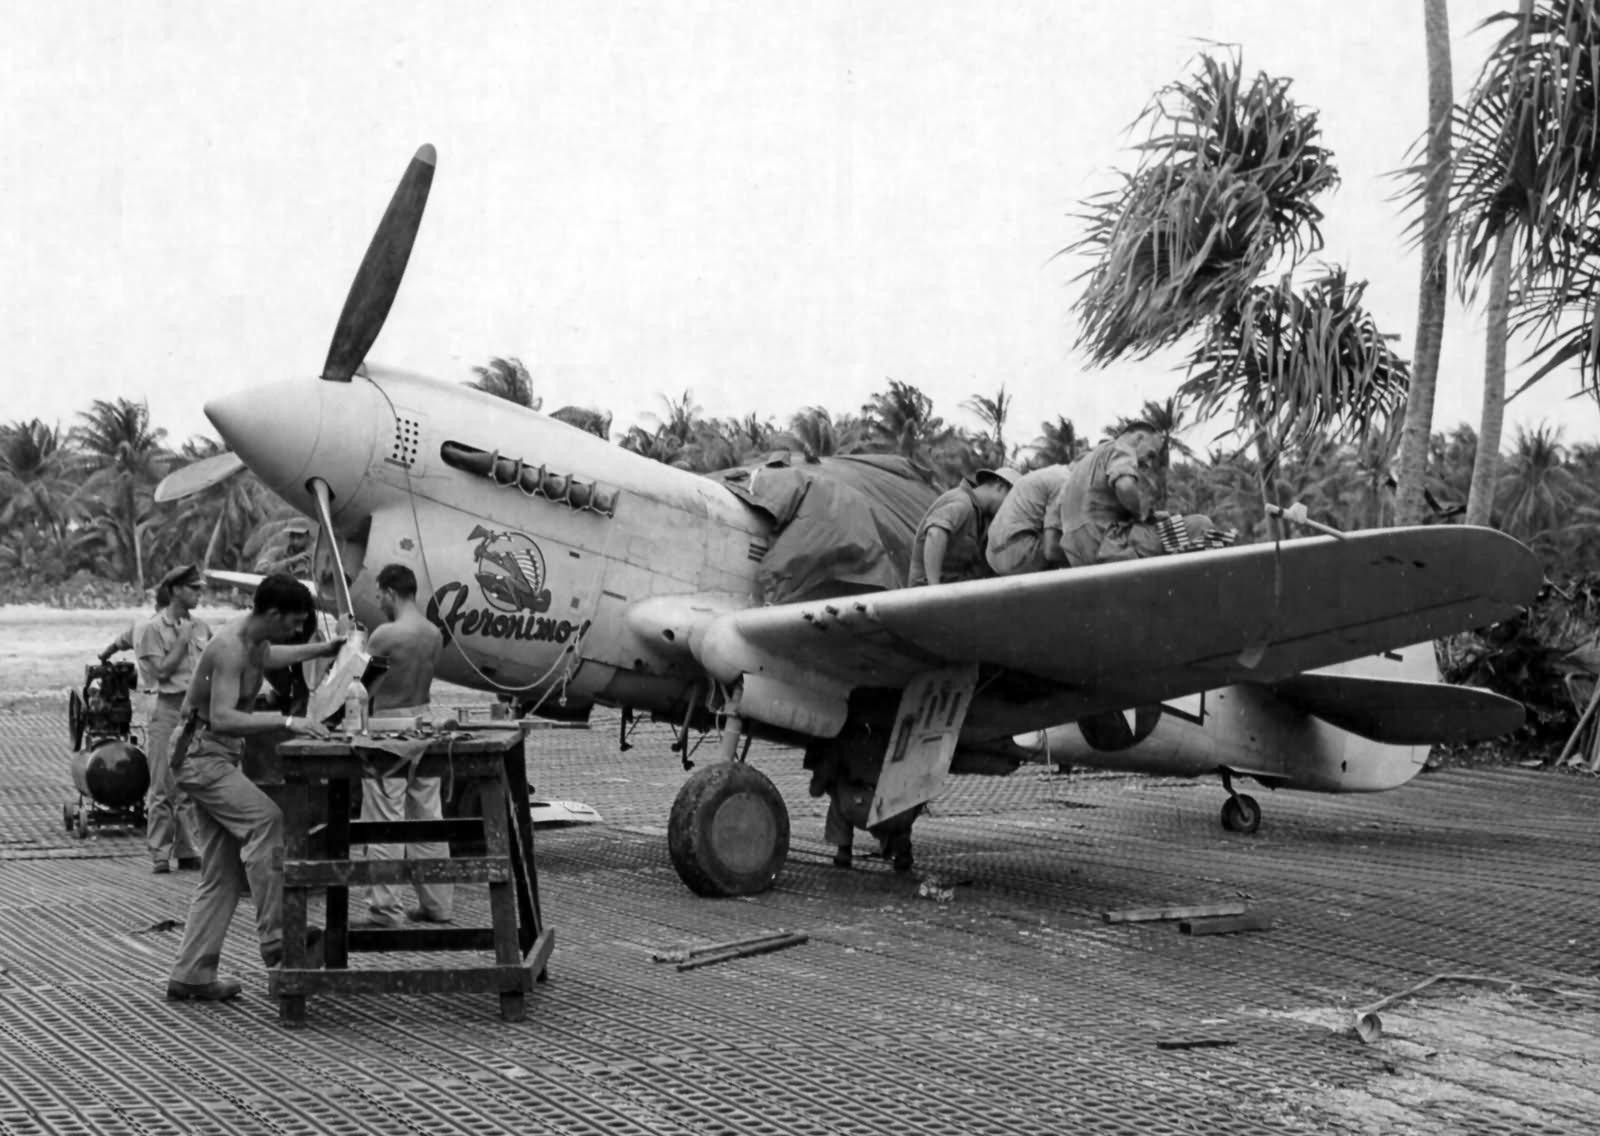 P-40N_Warhawk_15th_FG_on_Mankin_Island_i